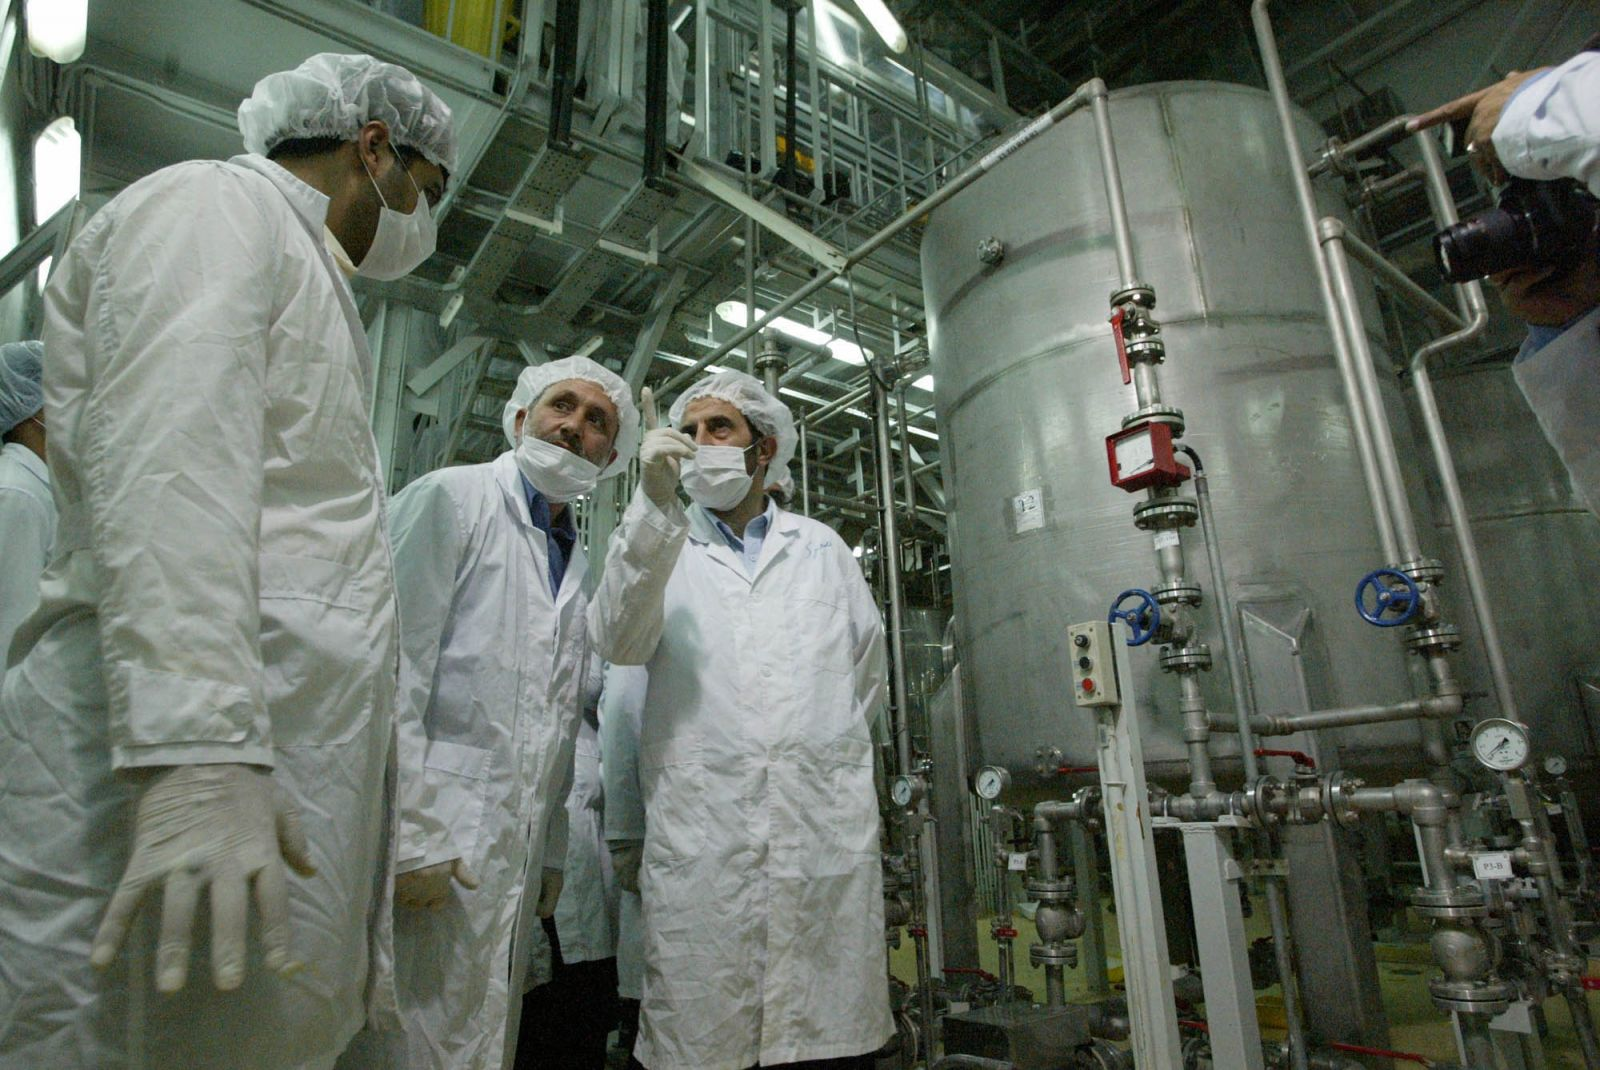 """المتحدث باسم الطاقة الذرية الايرانية : الاستعداد لتجارب """" ميكانيكا الكوانتم """" للسيطرة على """" ذرات الكم والفوتونات """""""